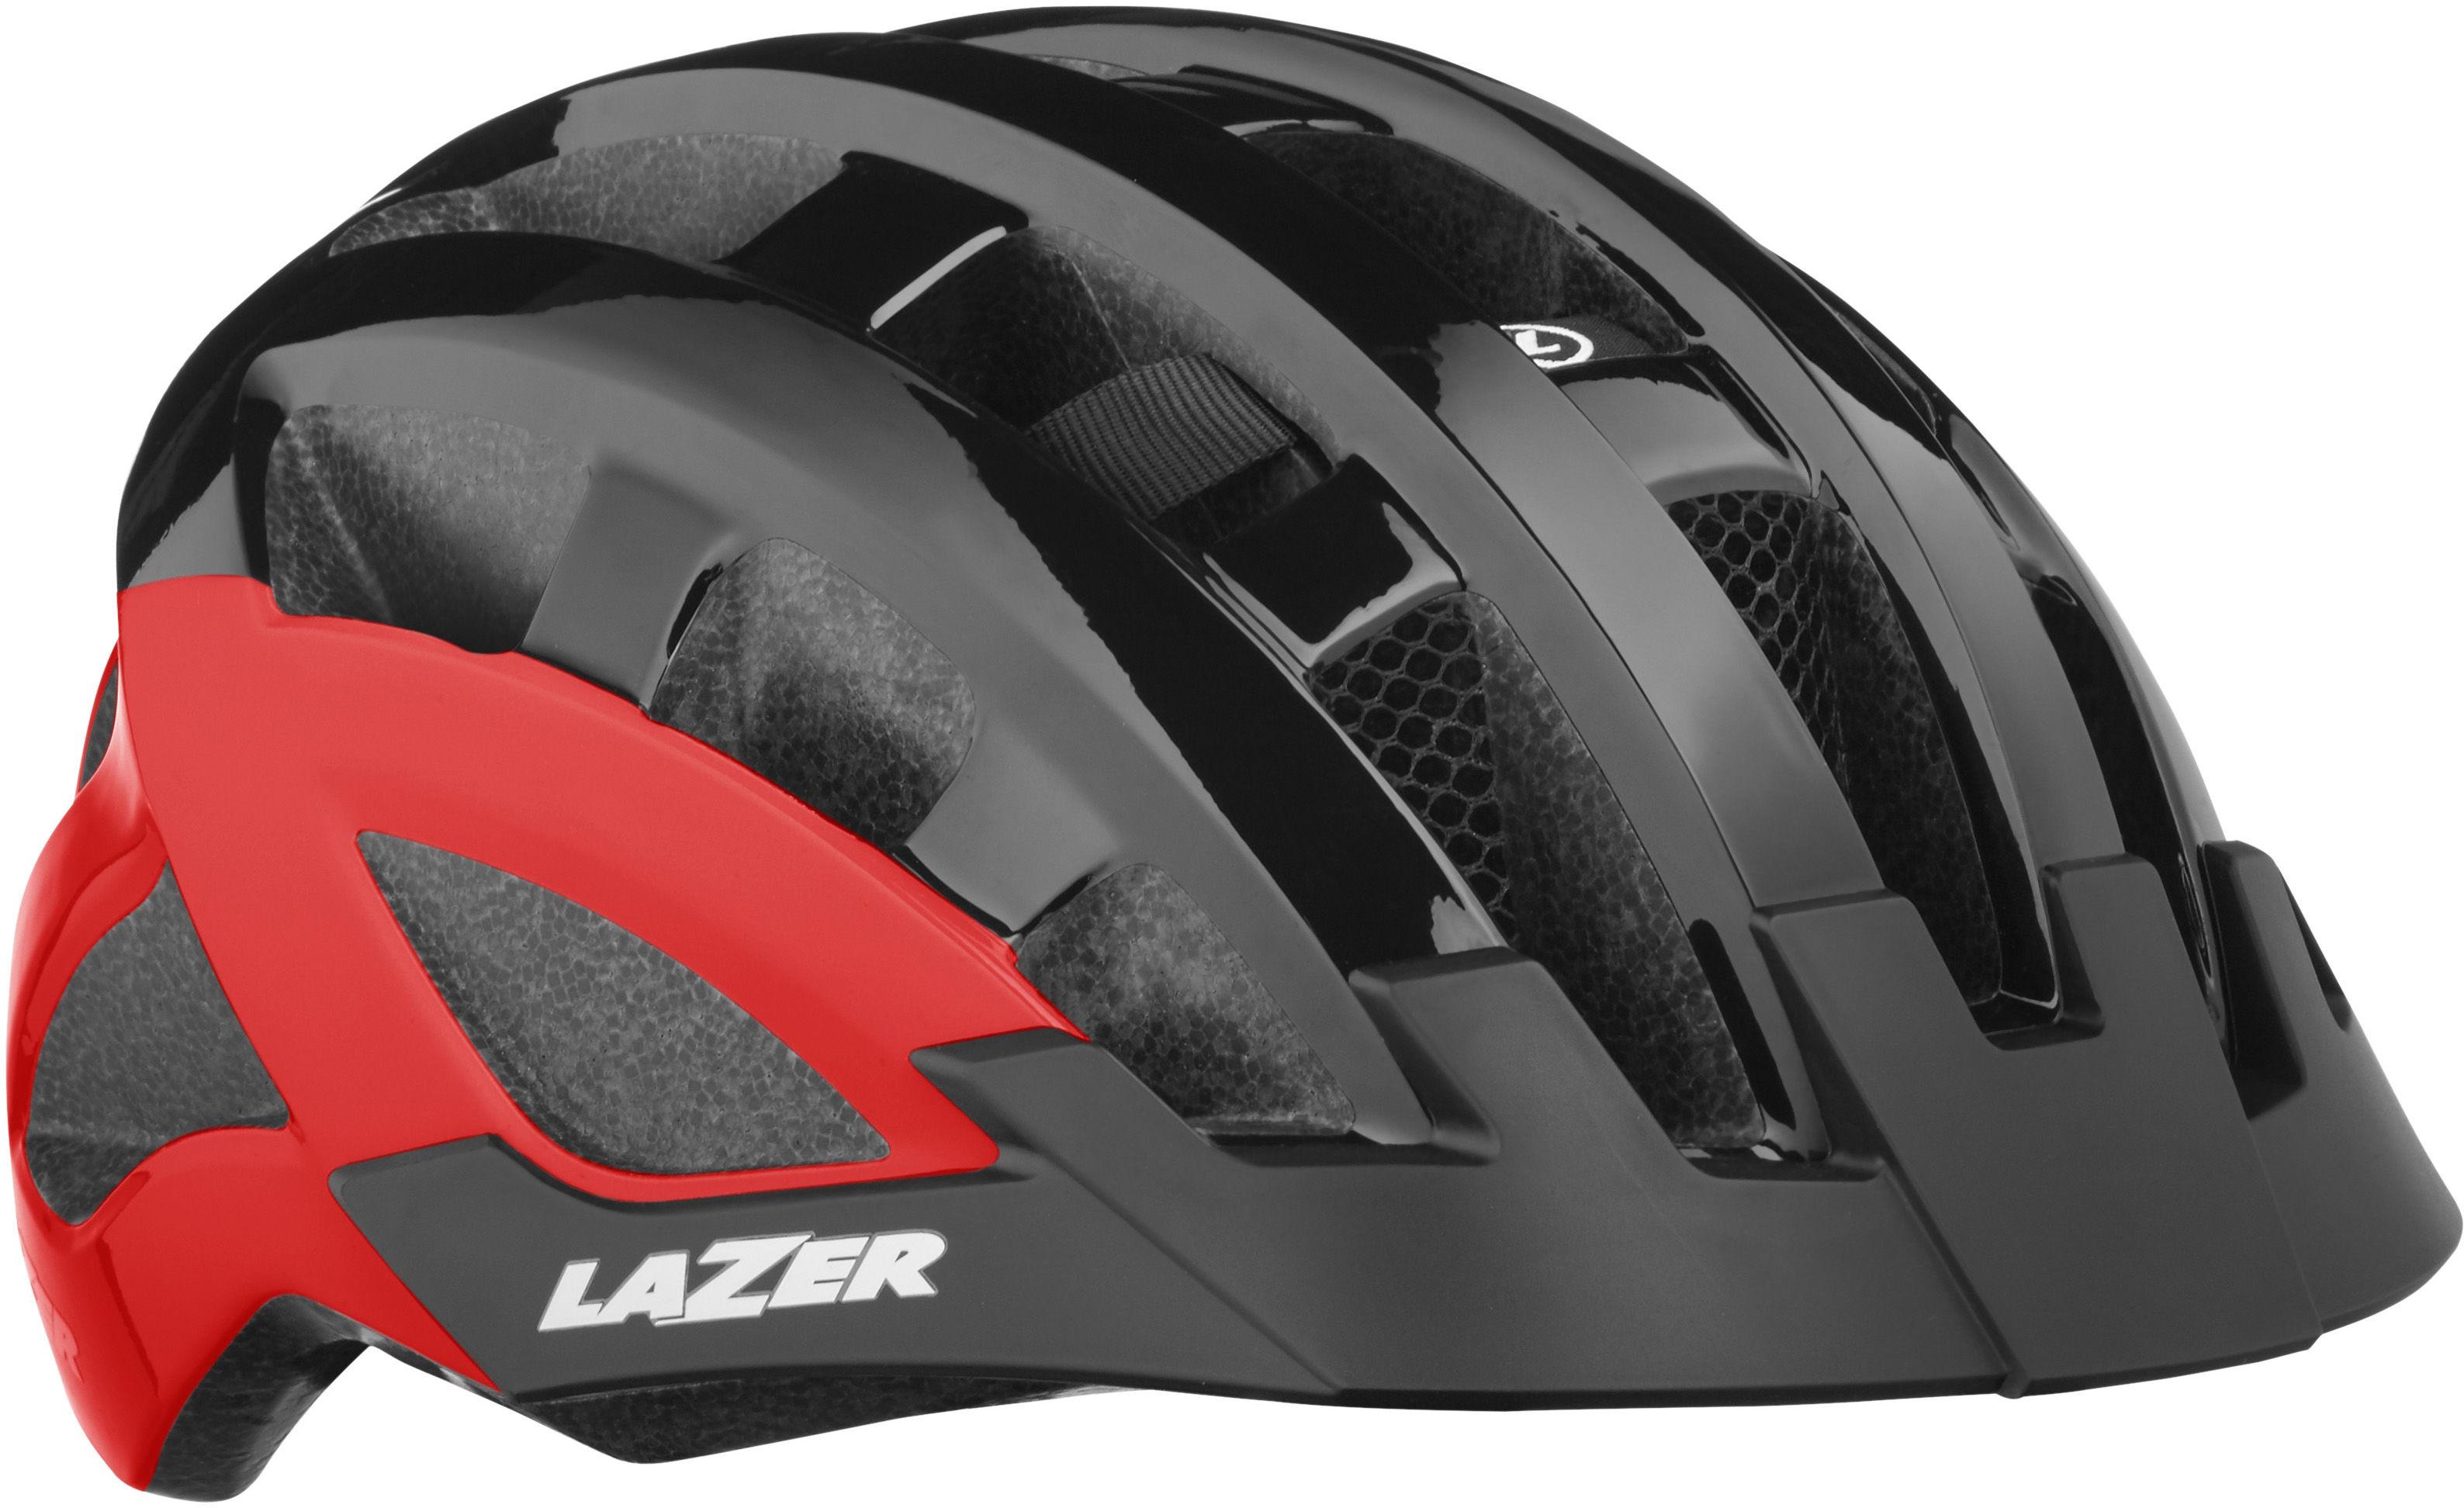 LAZER damski kask rowerowy Petit DLX Siatka +Led czarny czerwony Rozmiar: 50-56,5420078871961